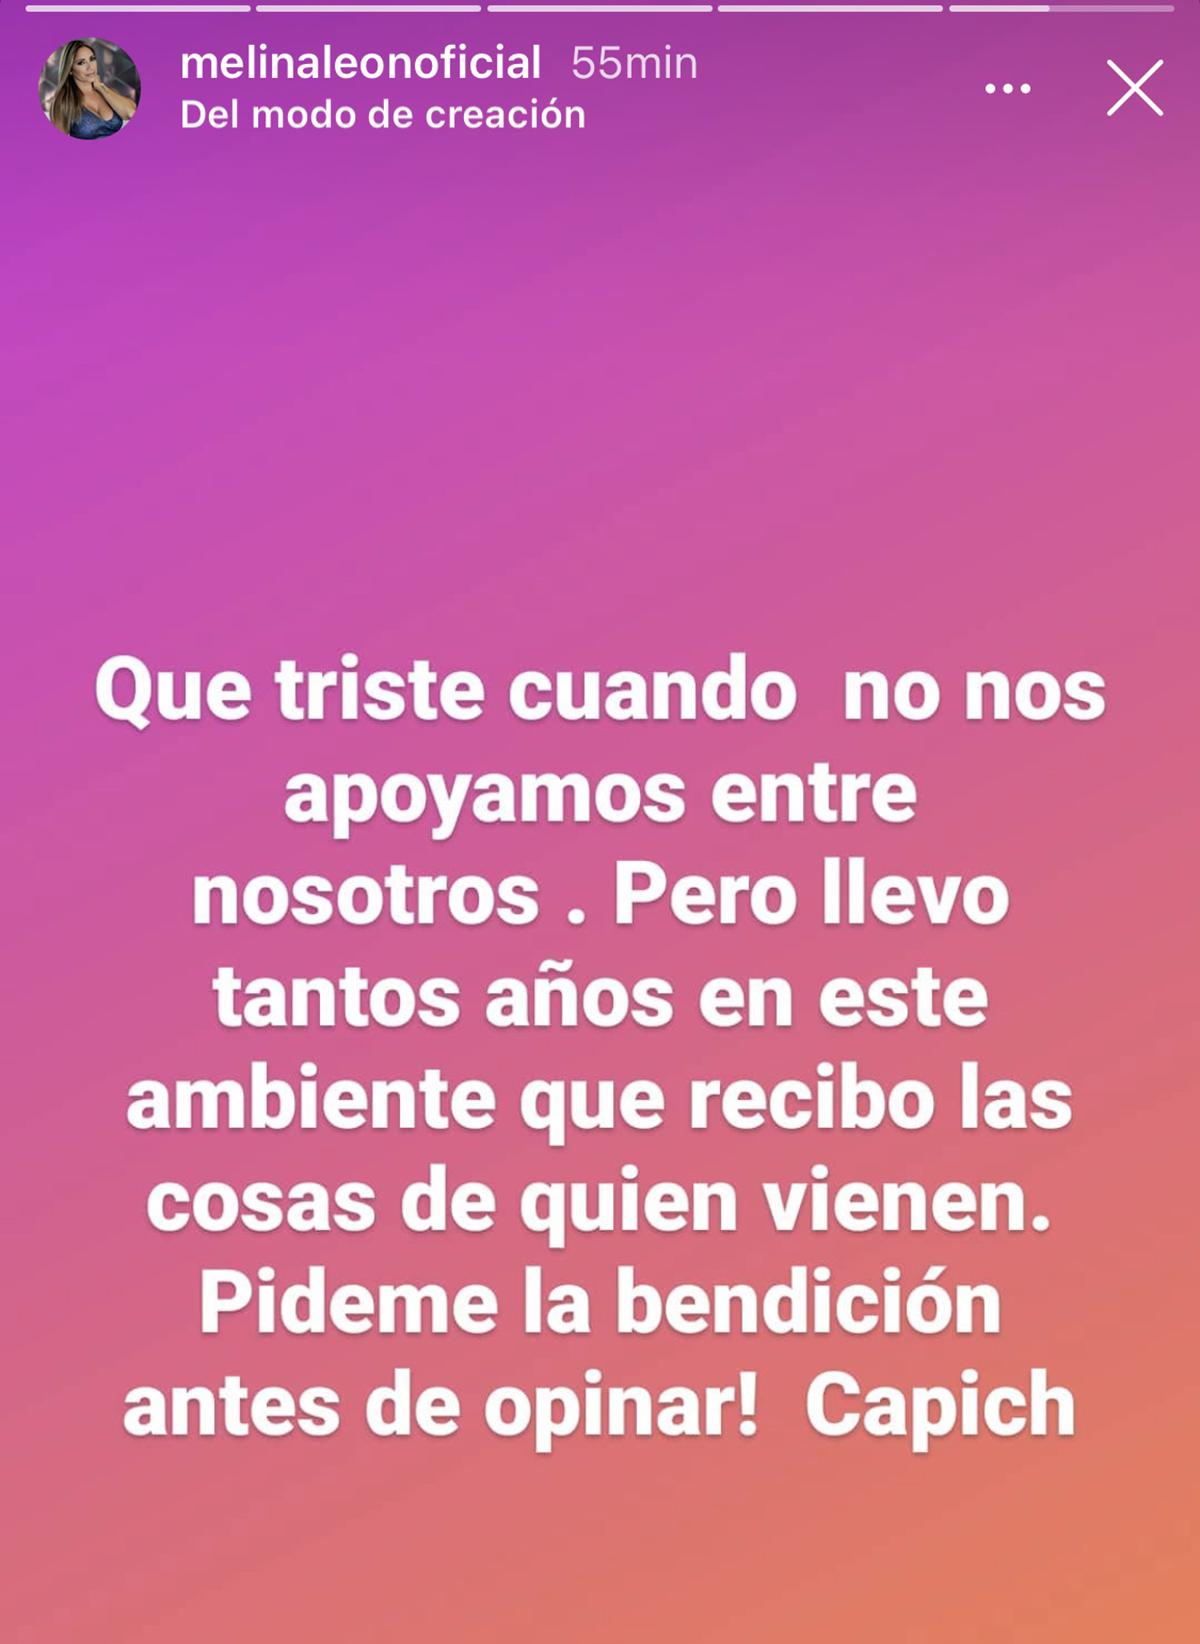 Melina León escribió esto en su Instastory